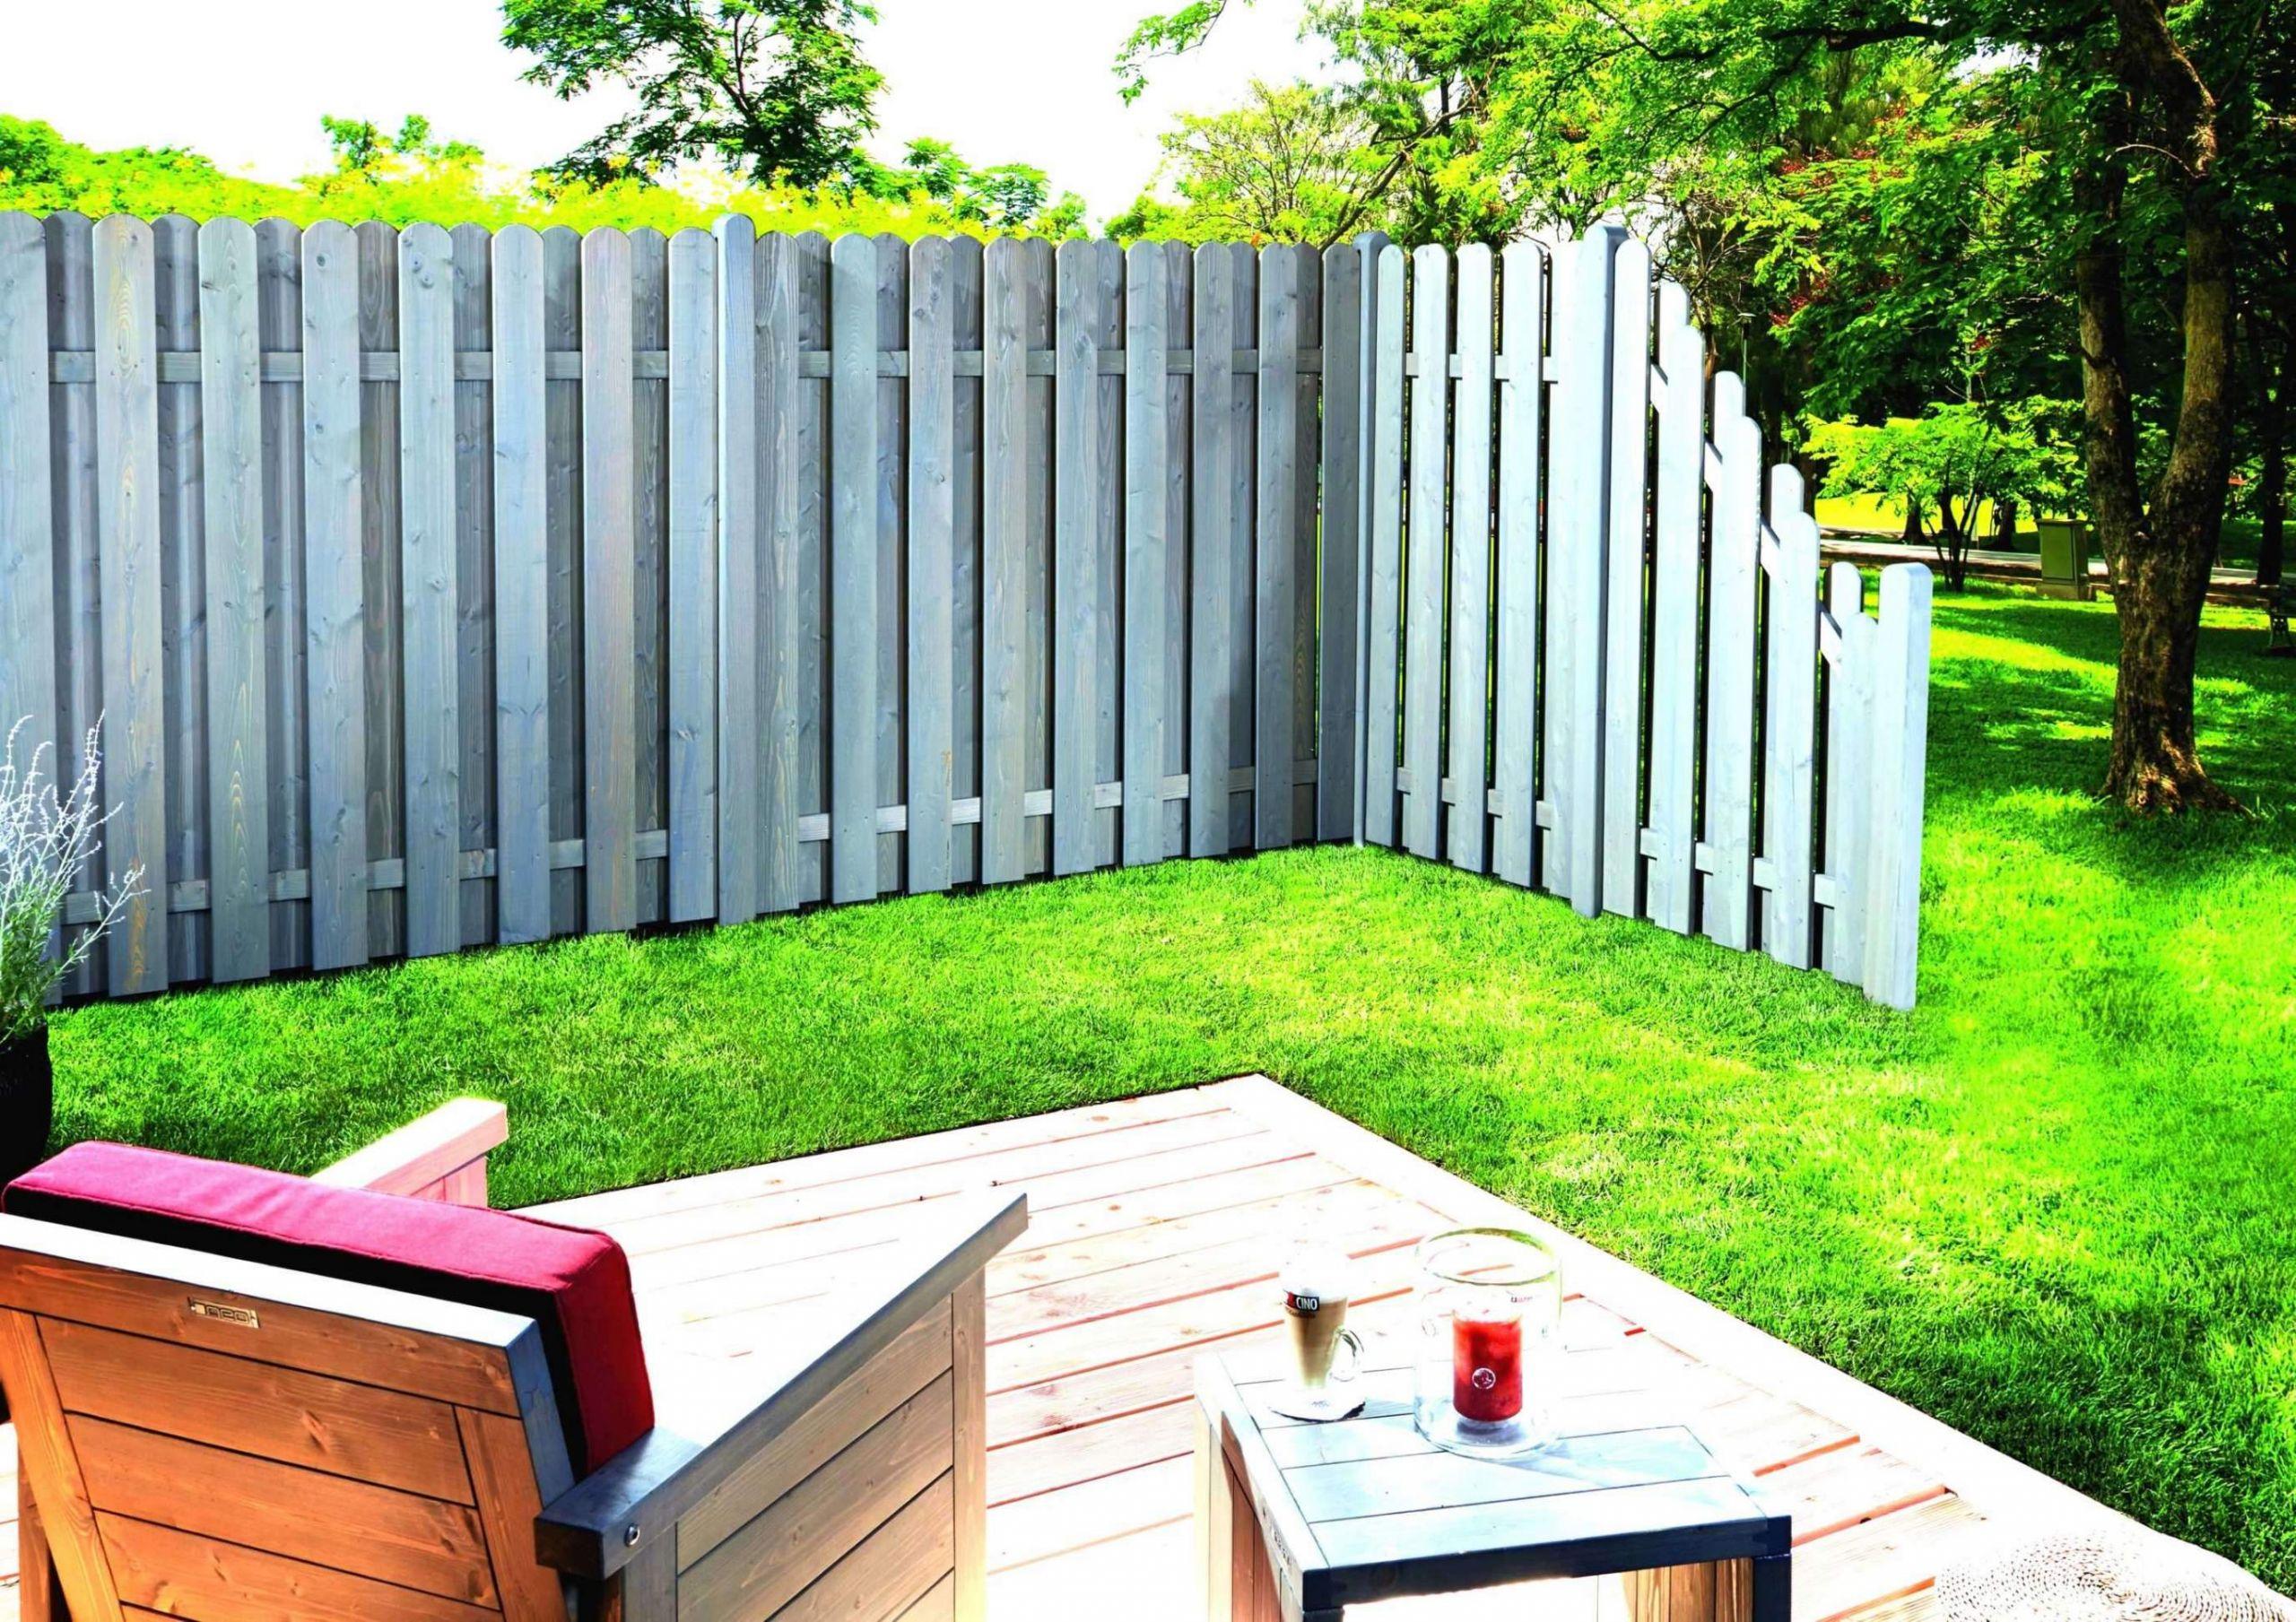 32 luxus garten torbogen pflanzen sichtschutz terrasse kubel pflanzen sichtschutz terrasse kubel